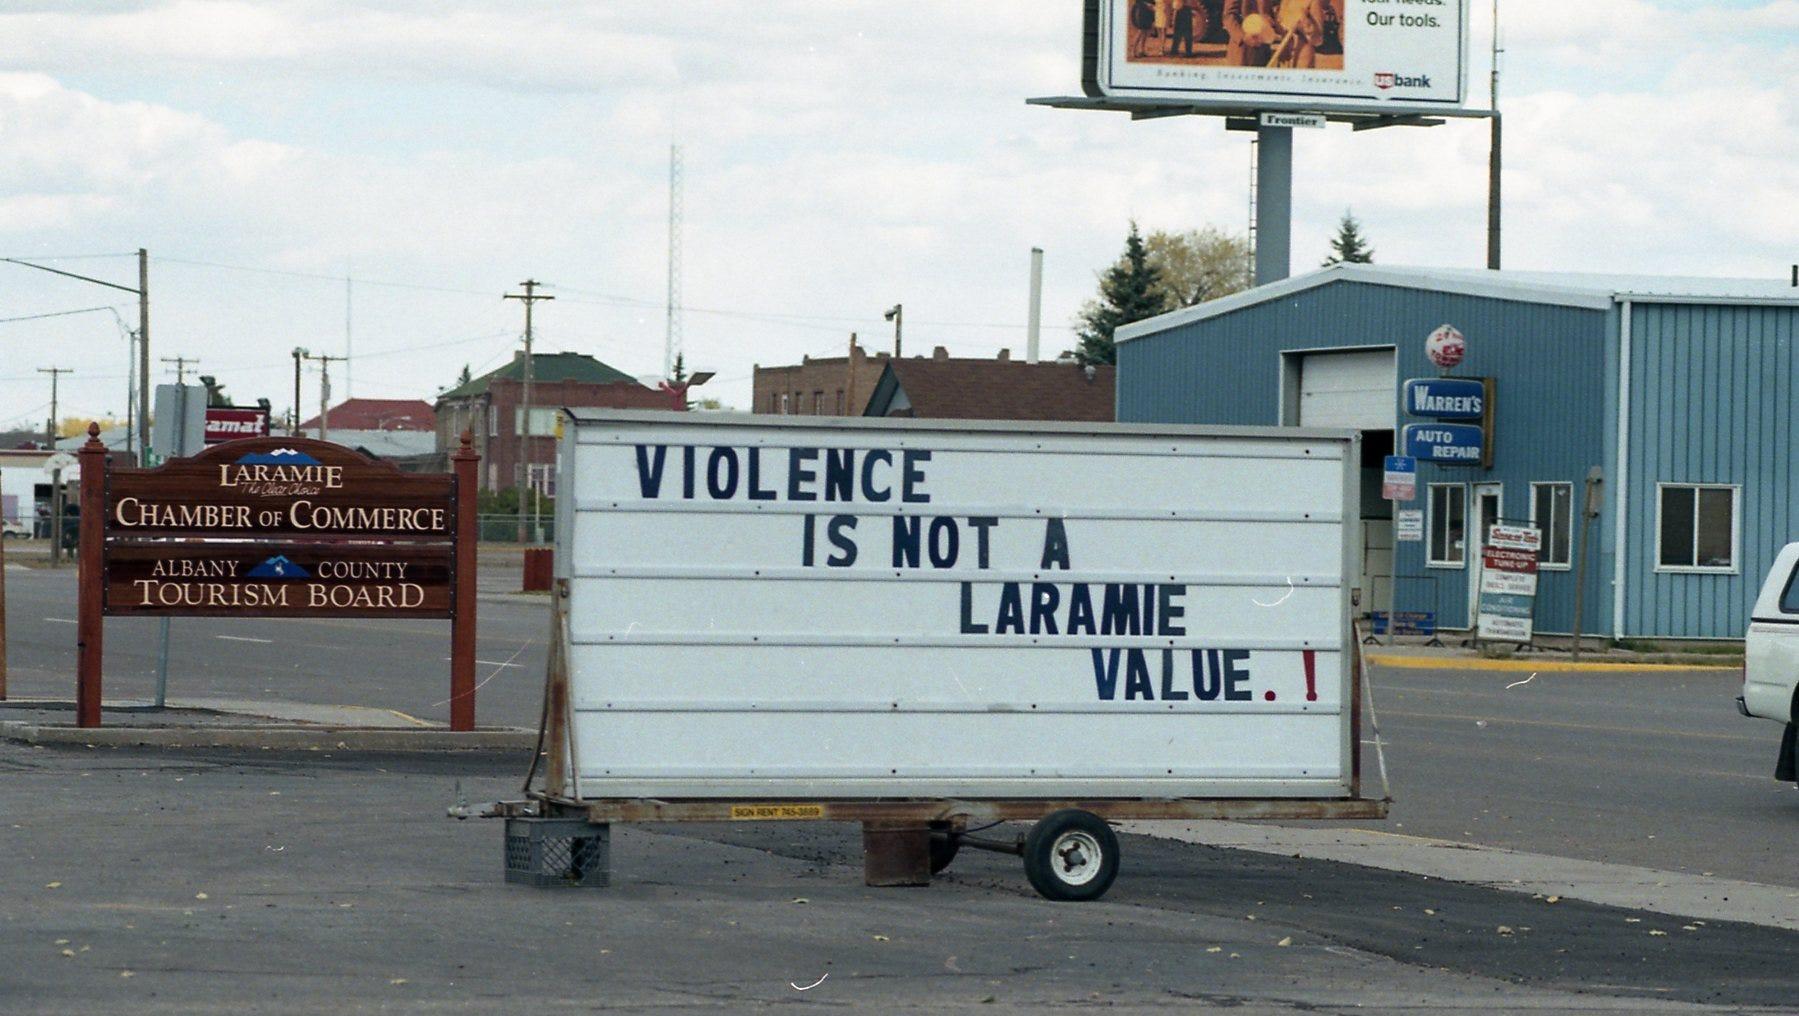 Matthew Shepard's murder: Laramie's open wound 20 years later